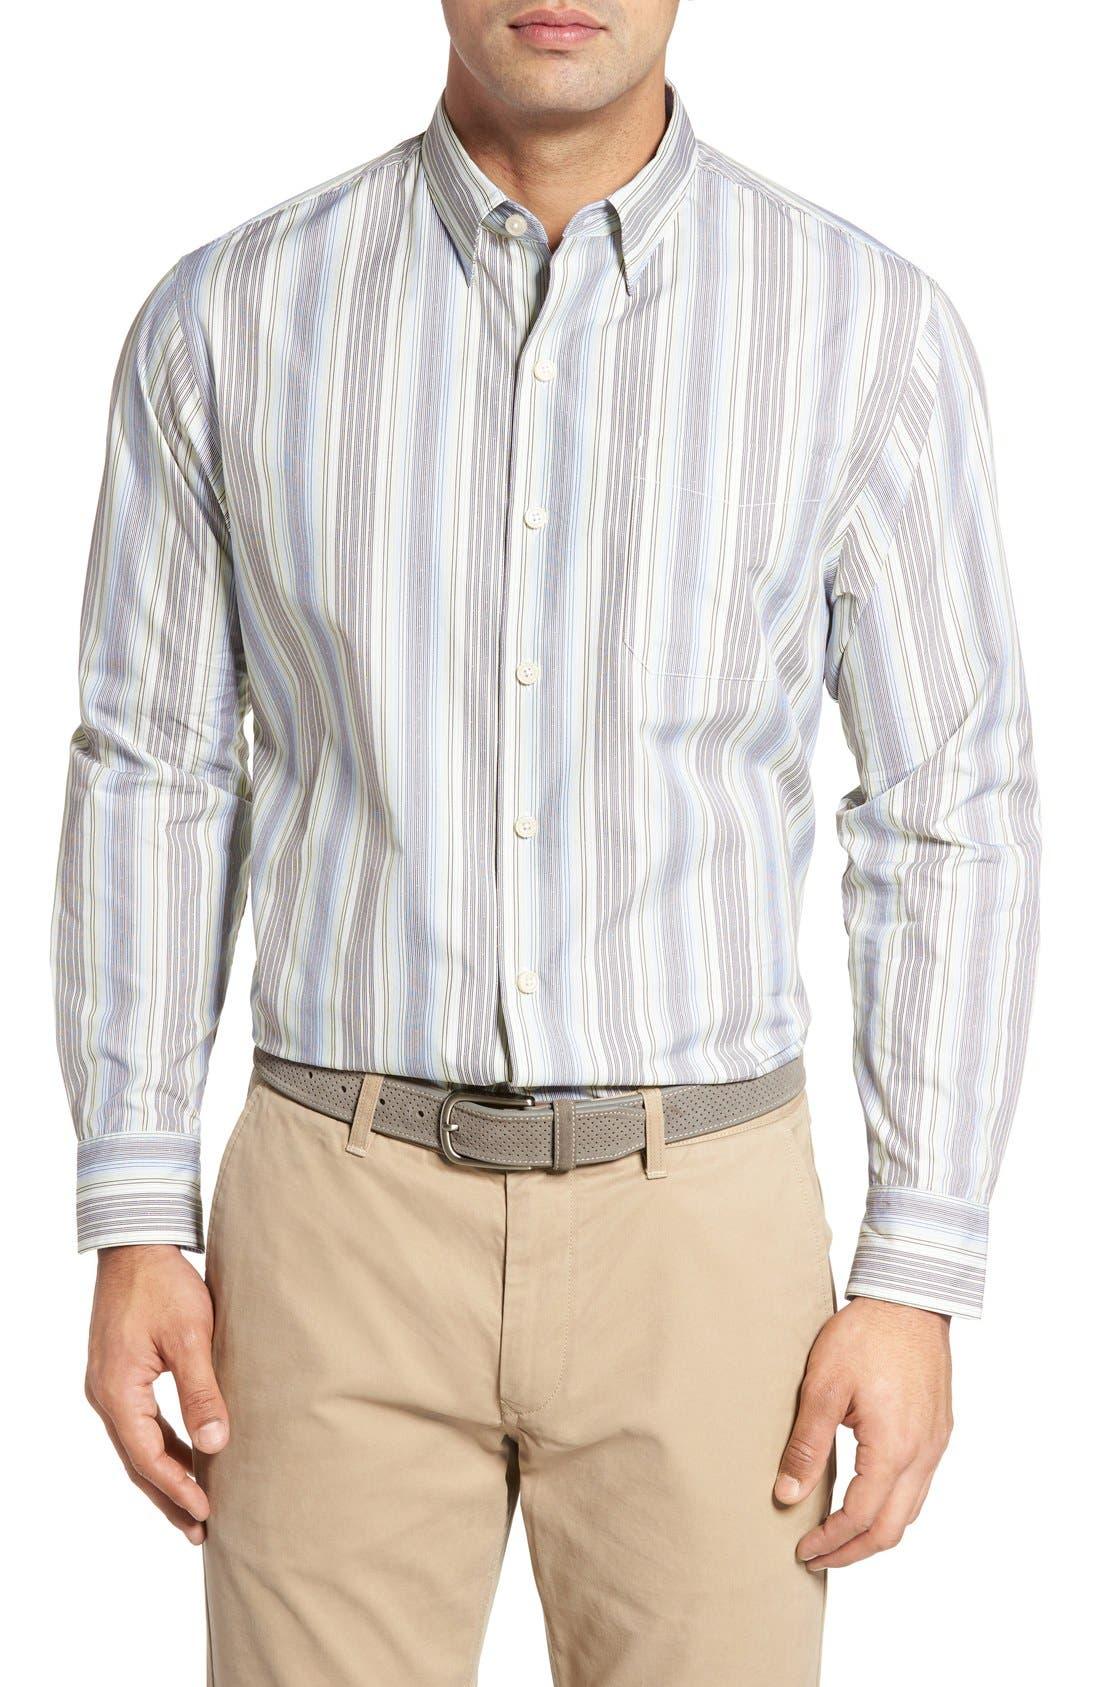 Roda Viva Original Fit Sport Shirt,                         Main,                         color, Banff Blue